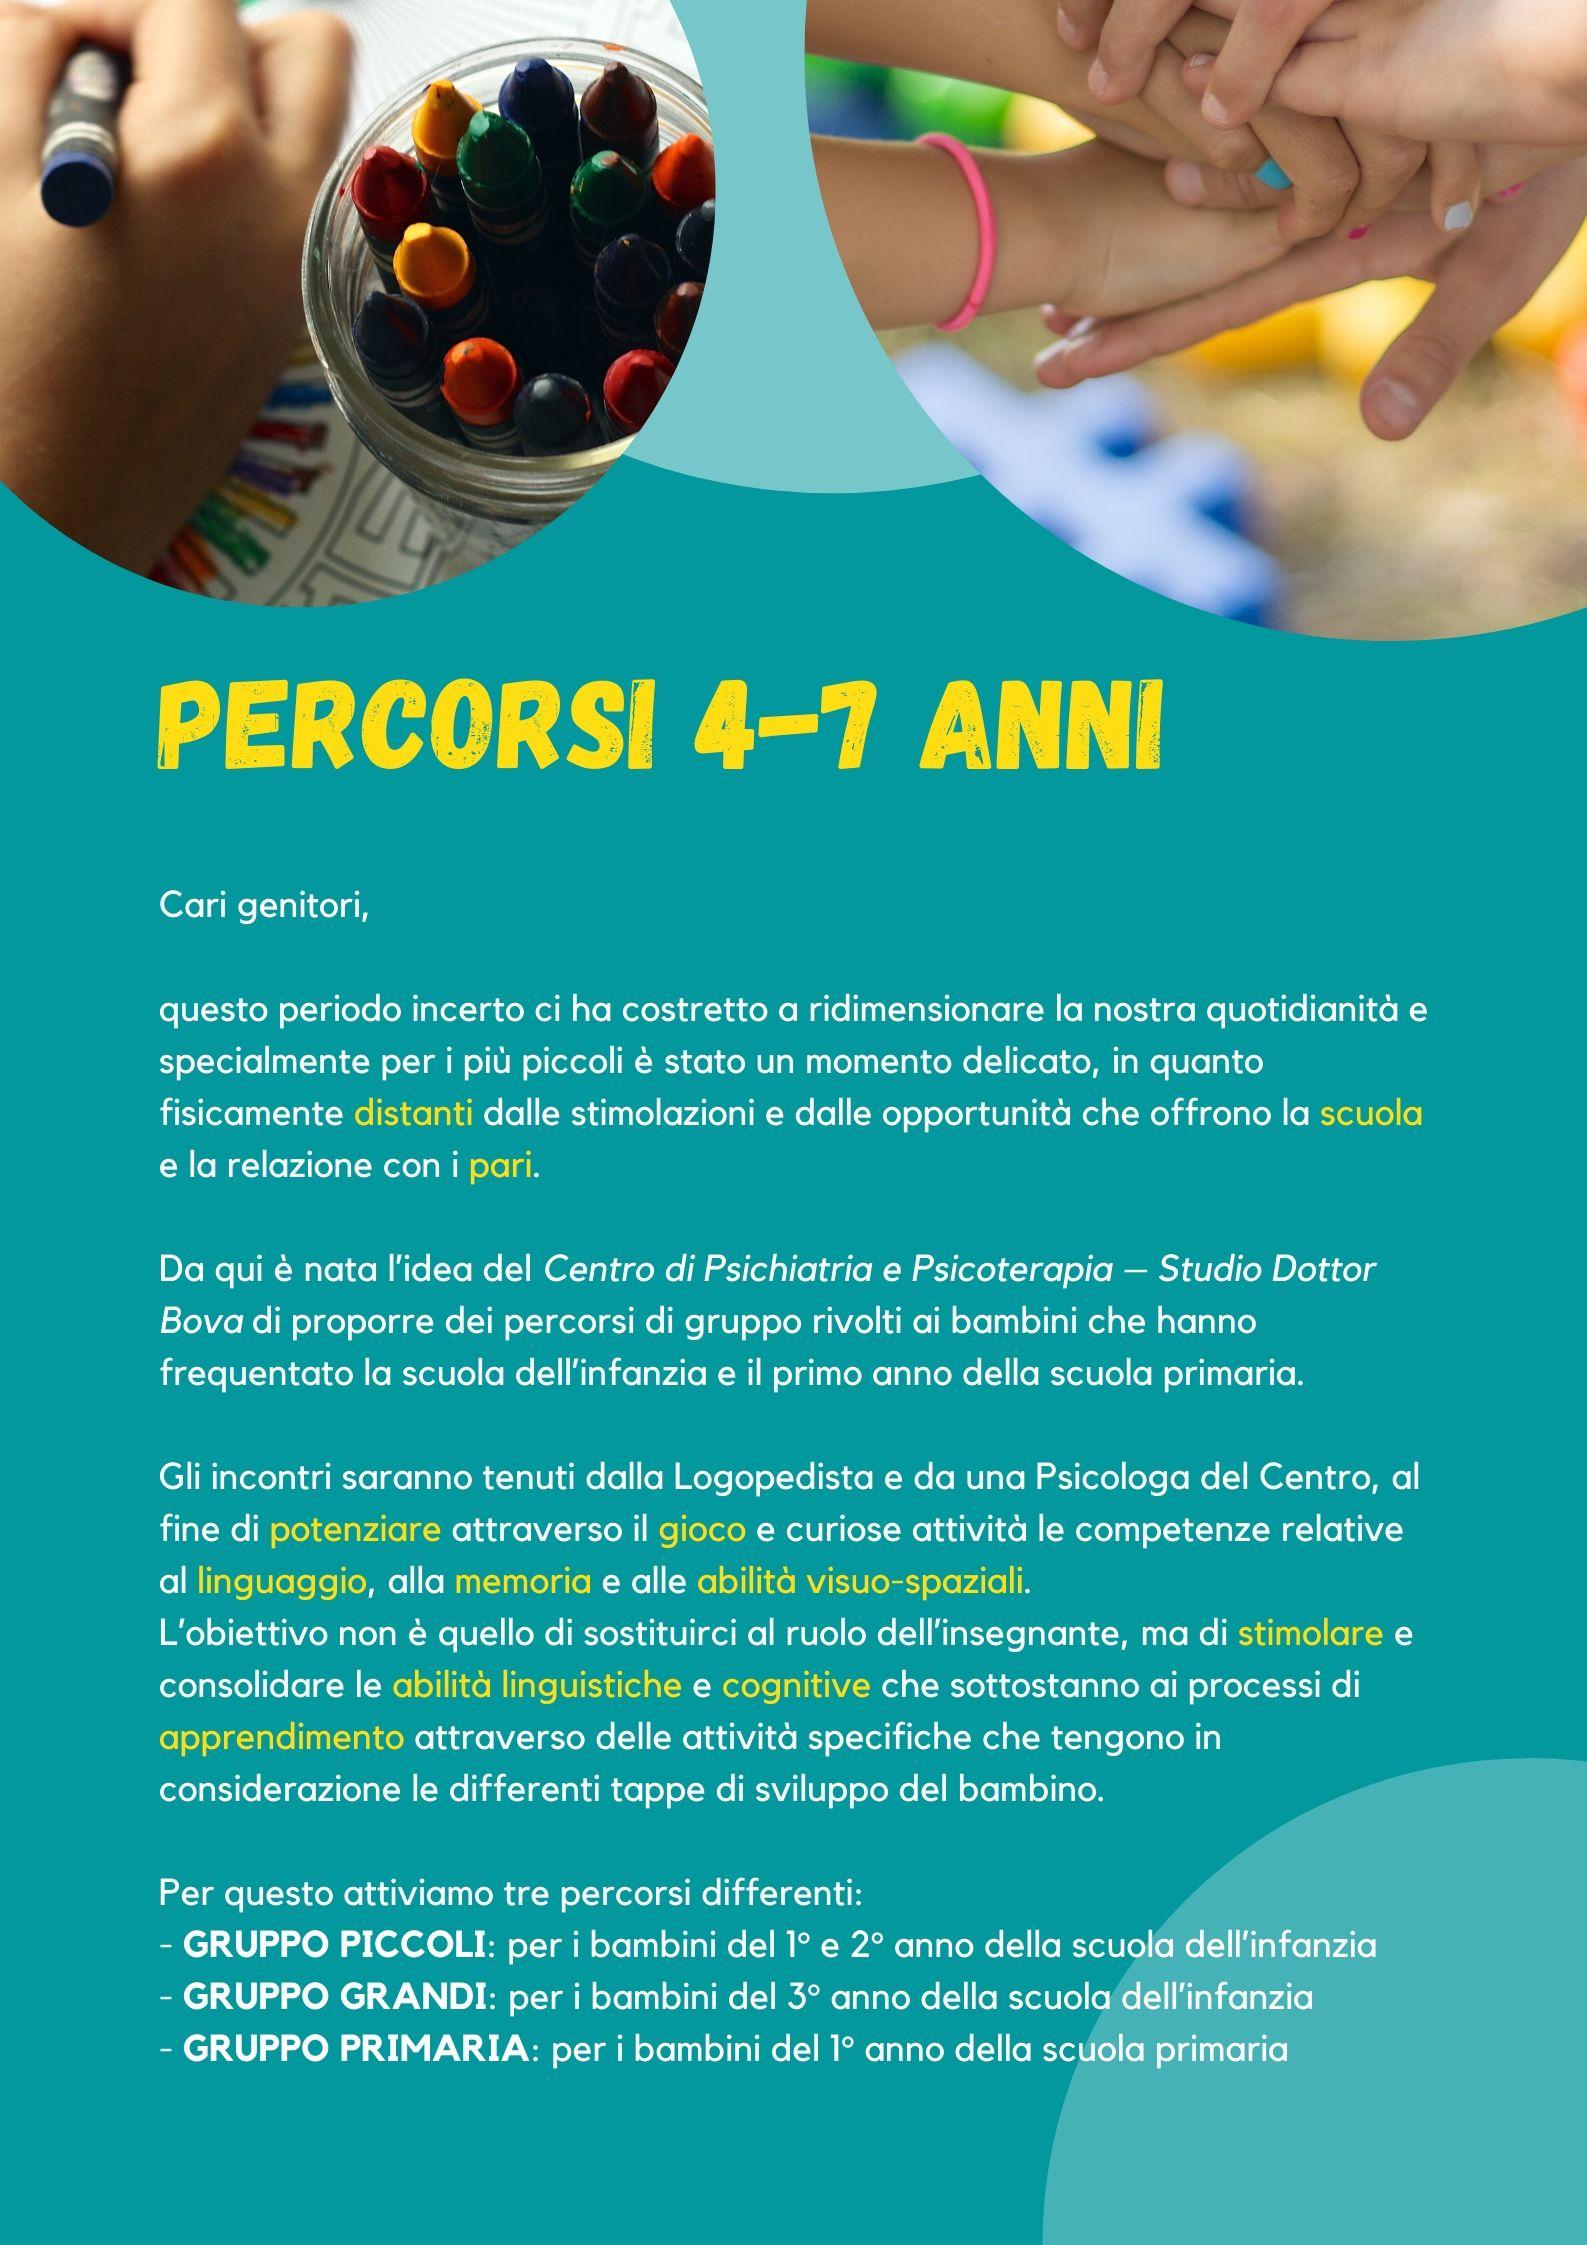 PERCORSI 4-7 ANNI